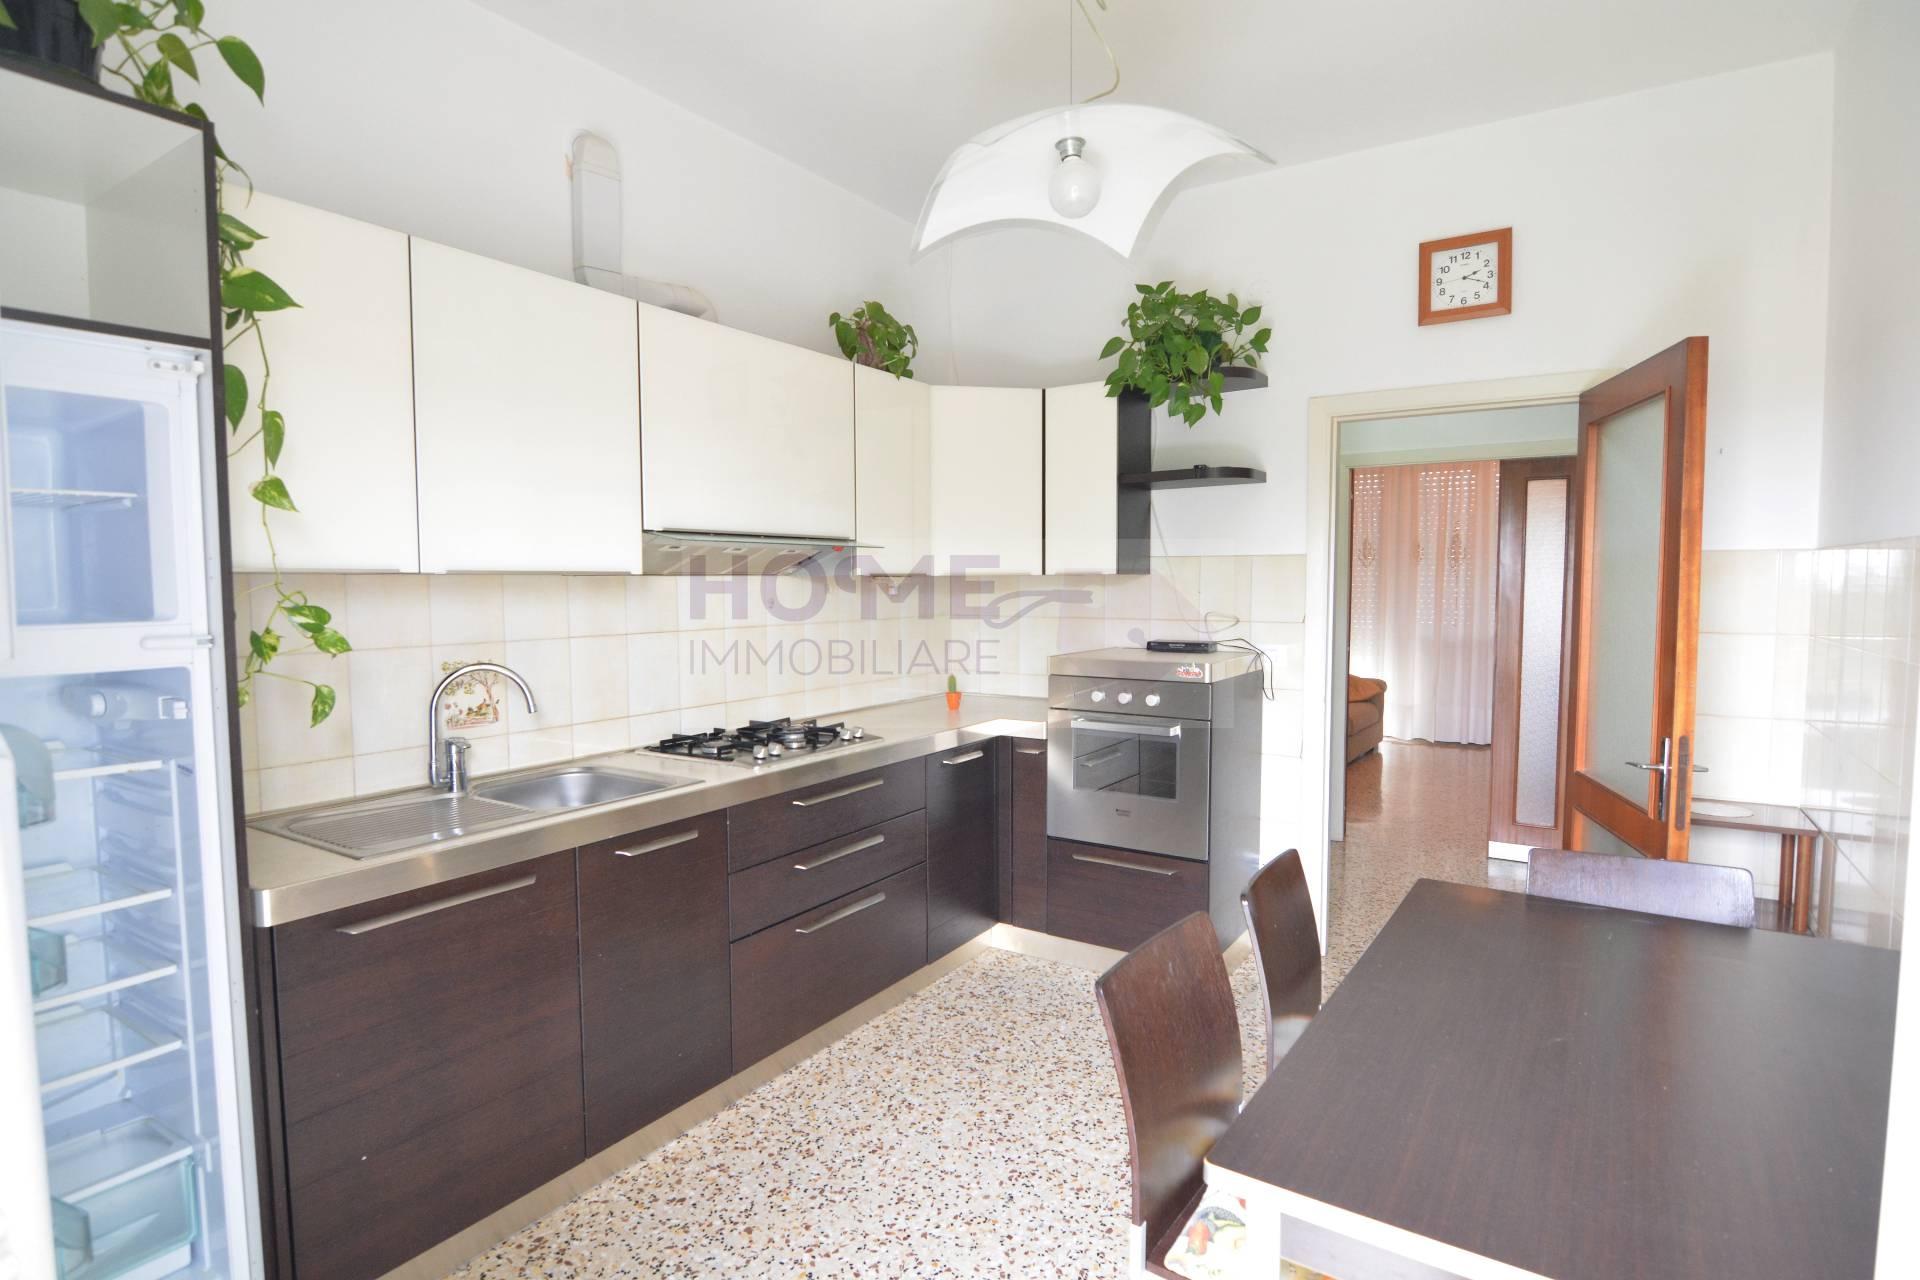 Appartamento in affitto a Macerata, 6 locali, zona Zona: Sforzacosta, prezzo € 400 | CambioCasa.it